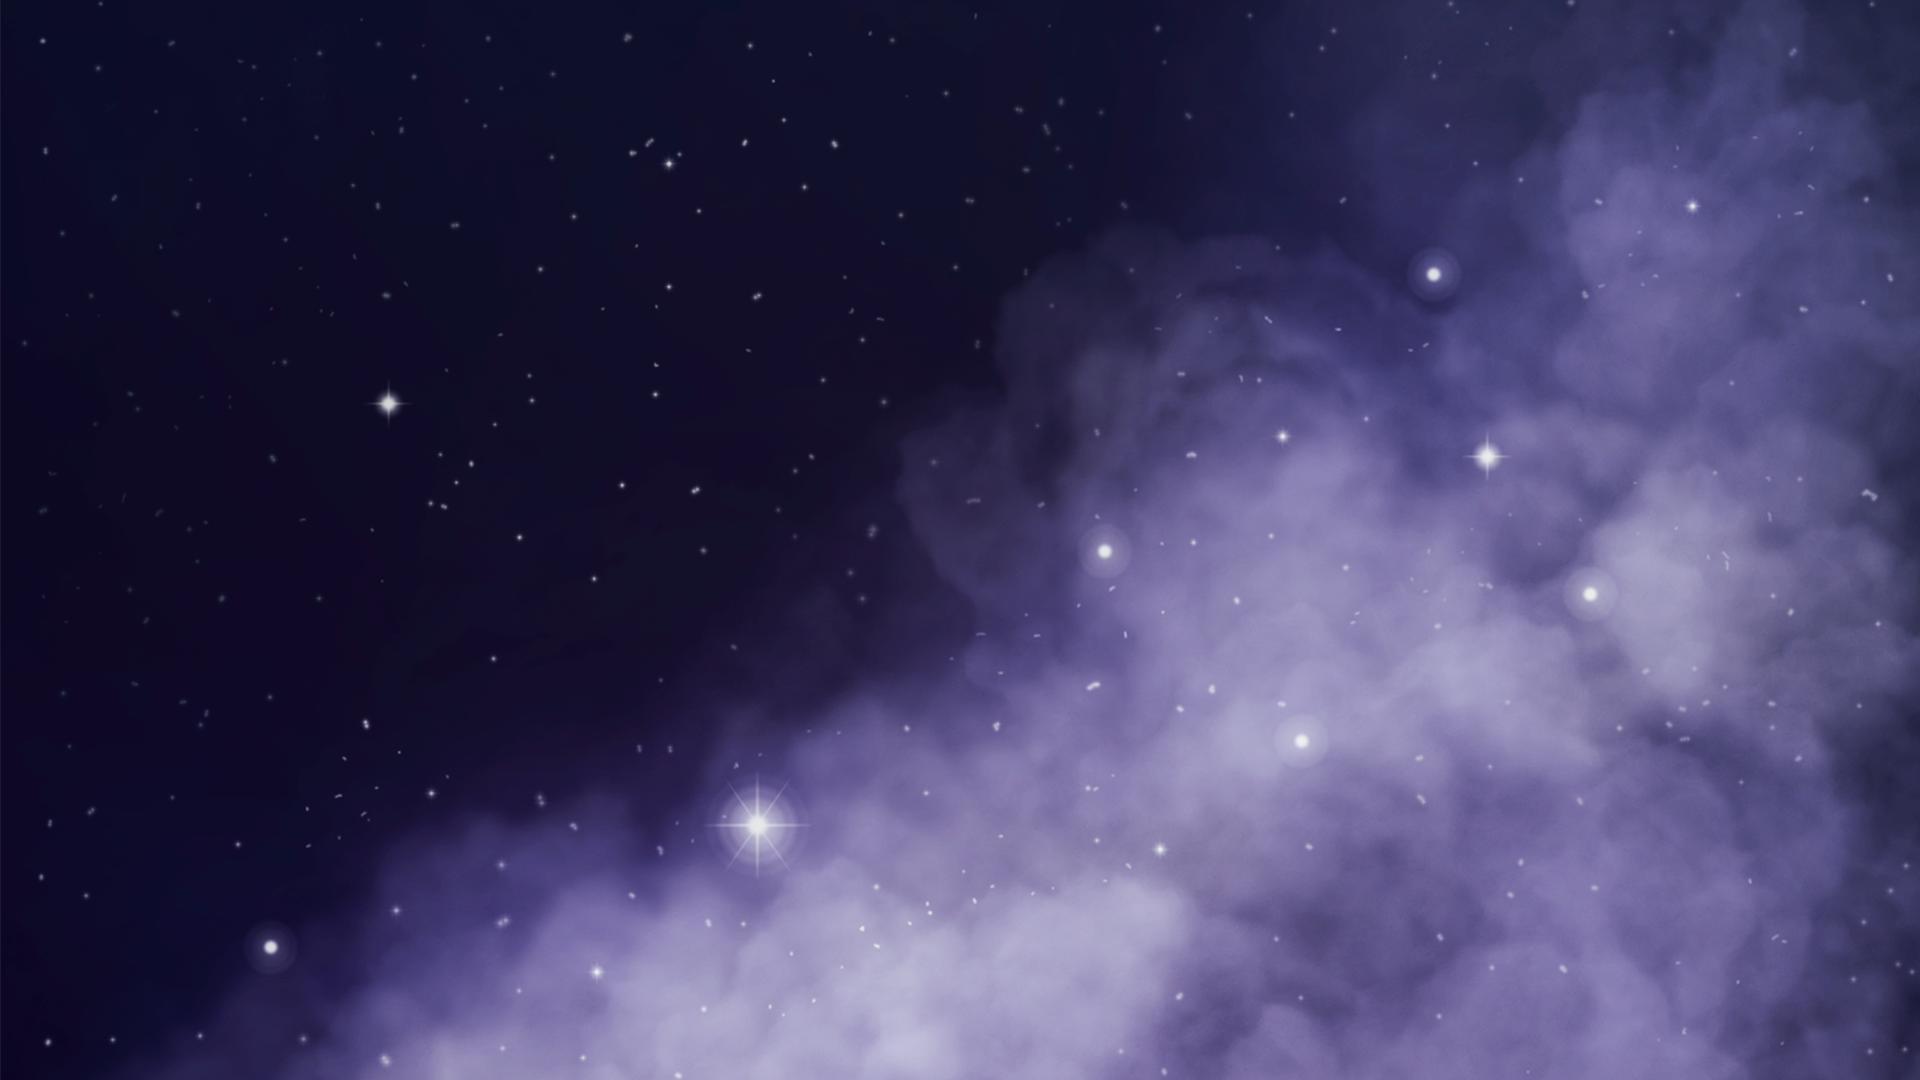 Galaxy Sky Cloud Stars 1920x1080